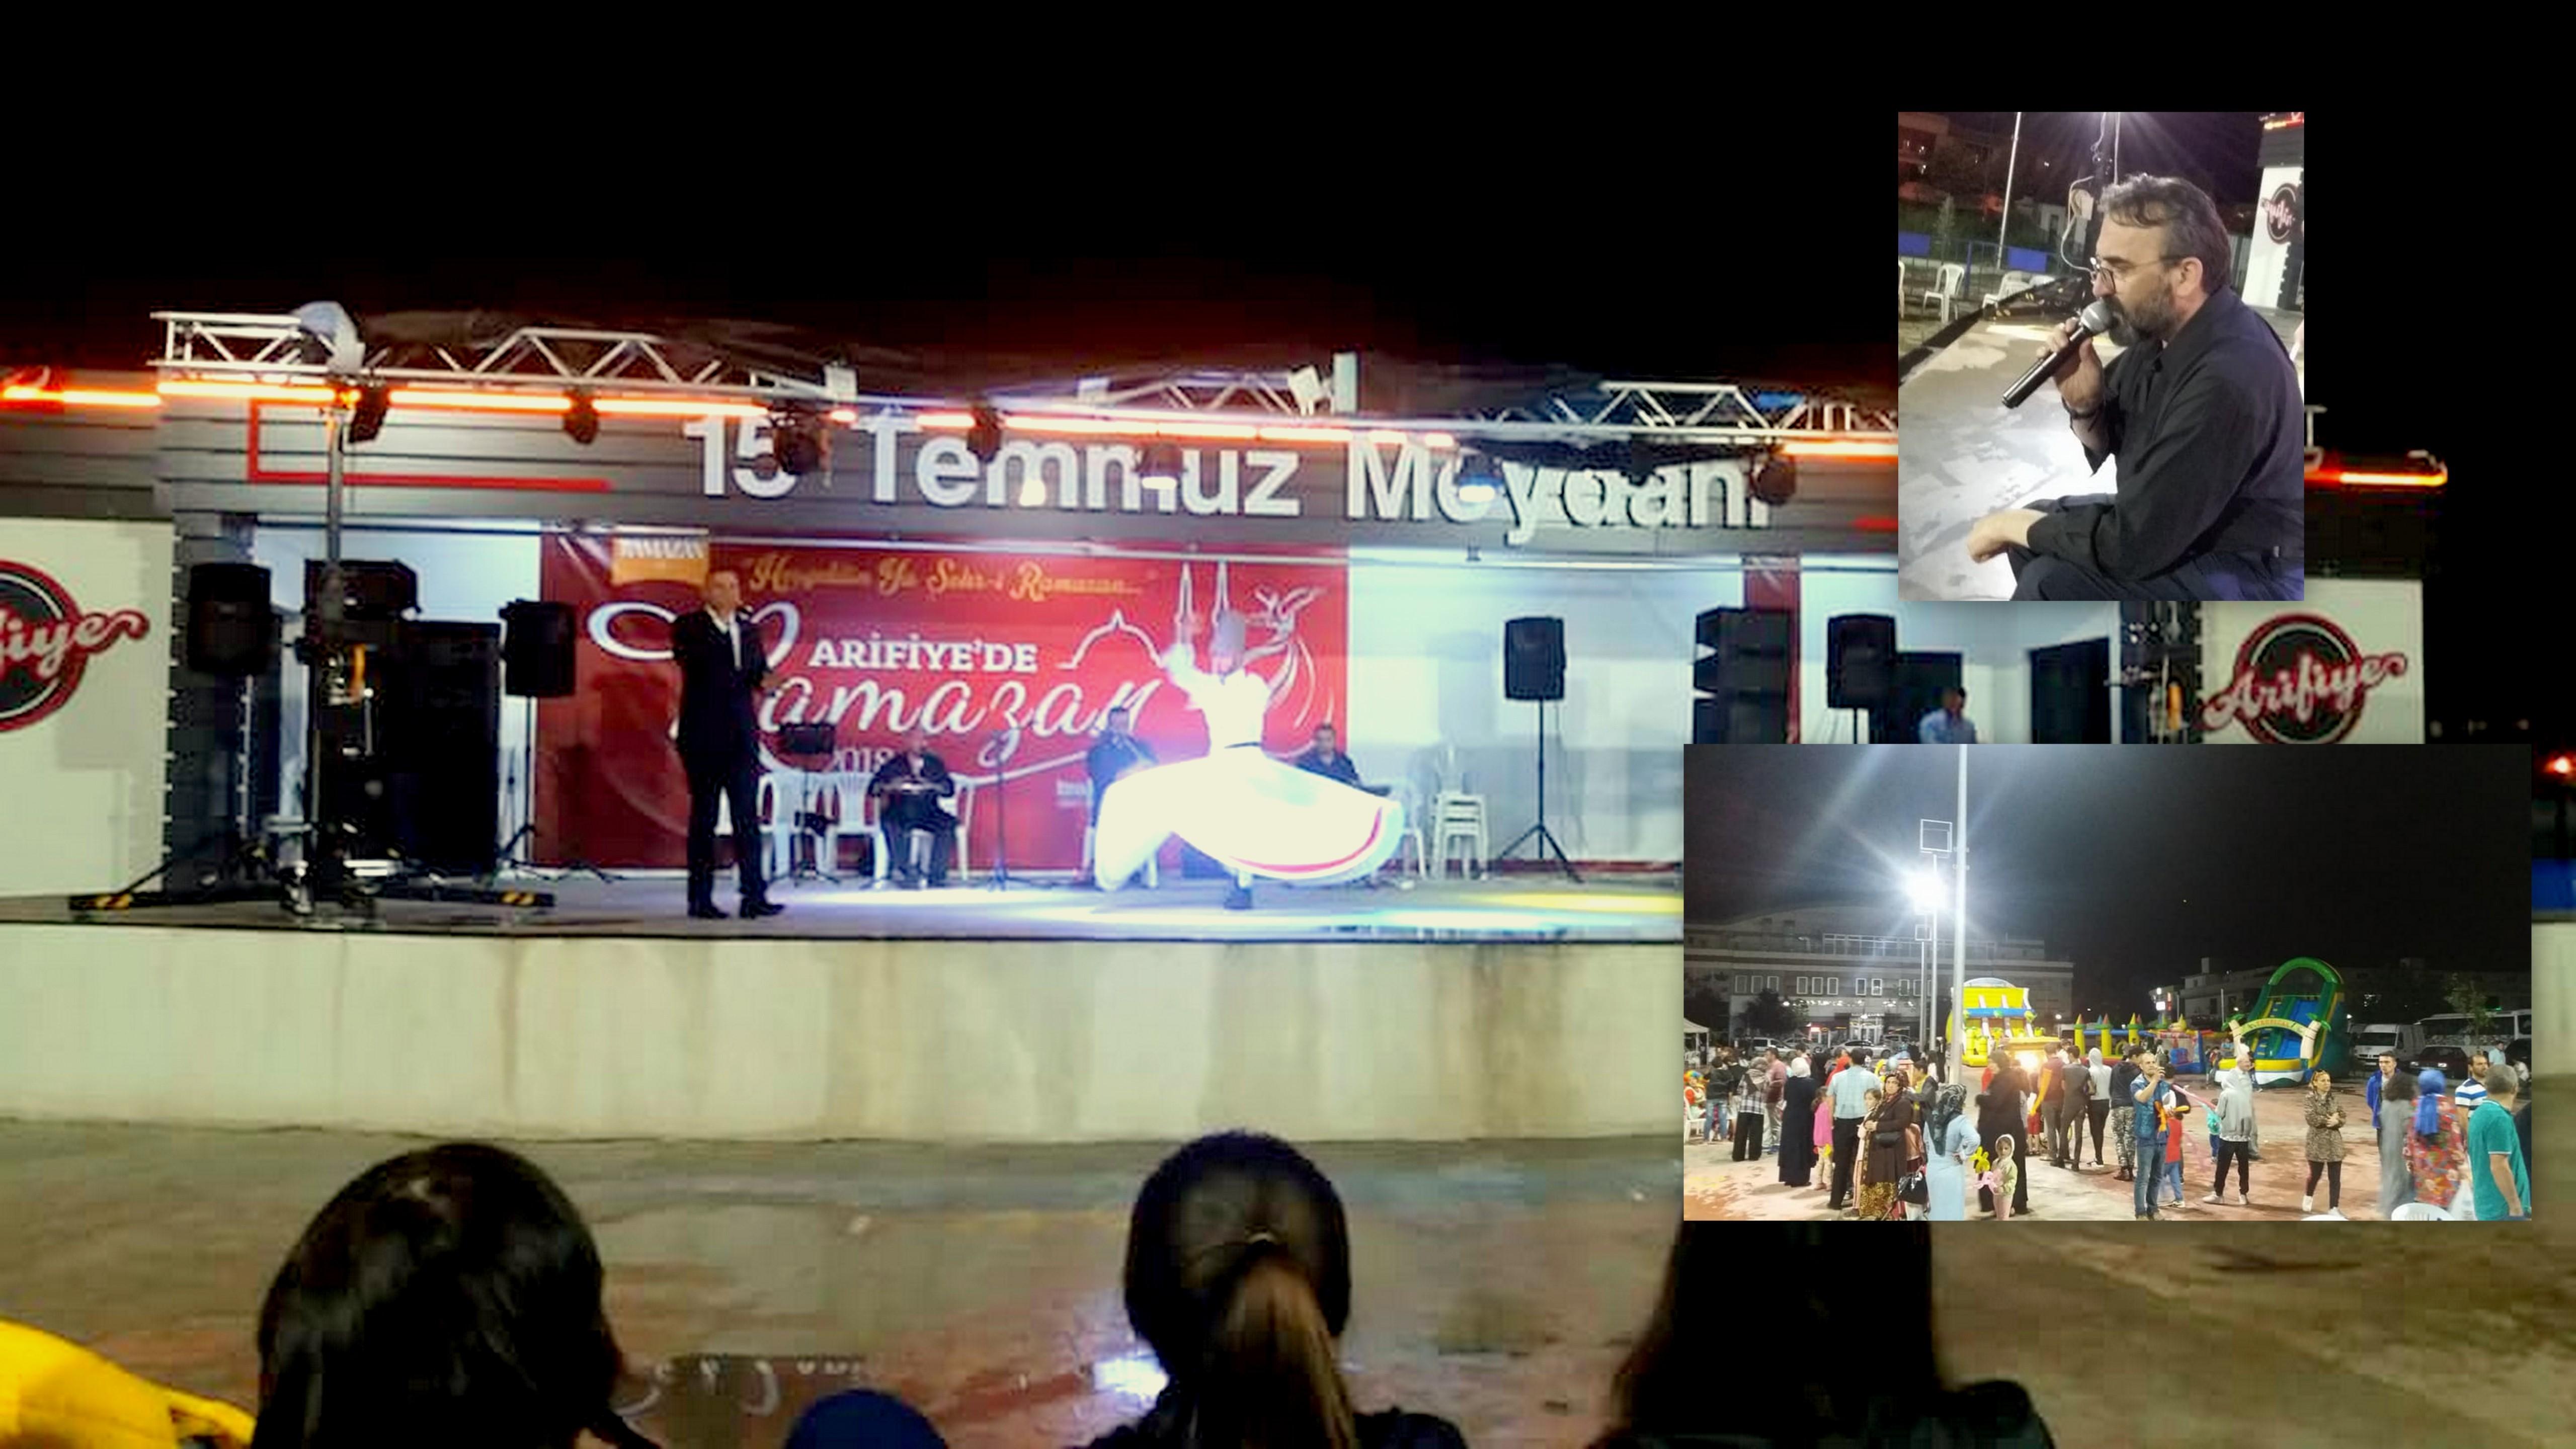 Arifiye Belediyesi Geleneksel Ramazan Etkinlikleri Başladı